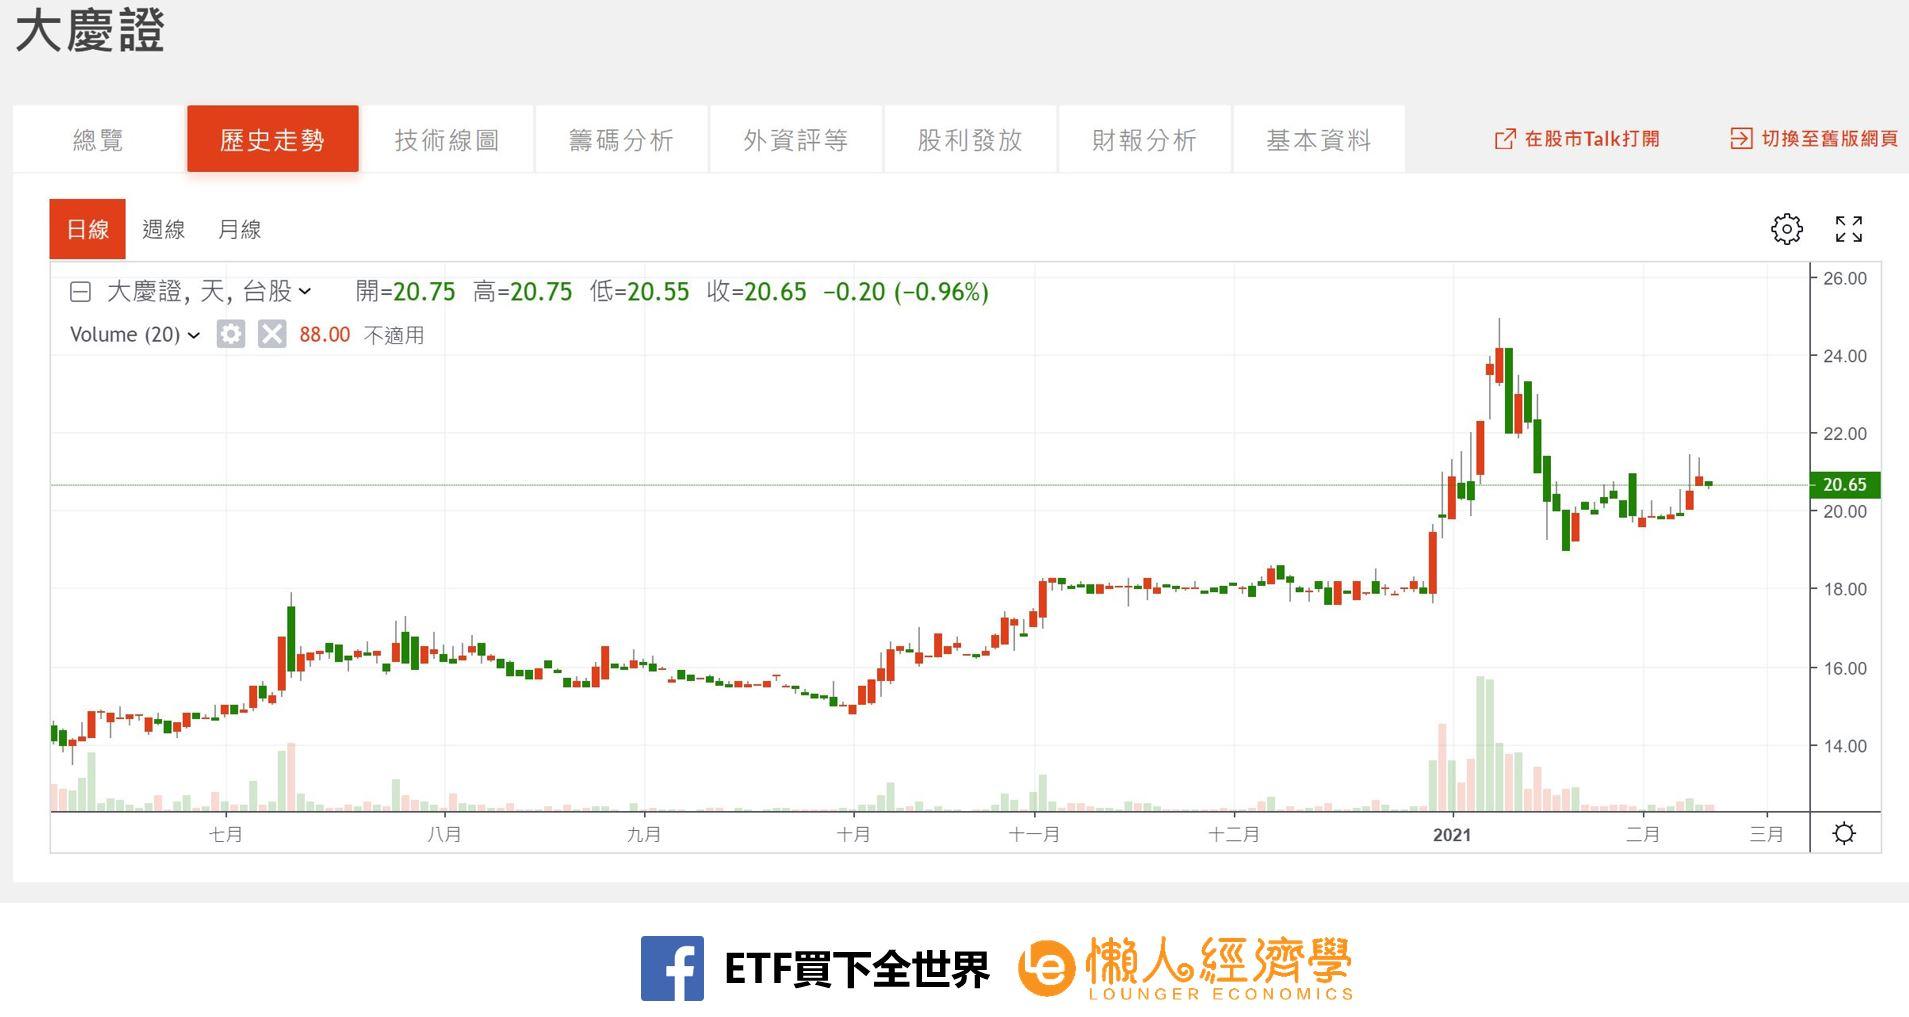 大慶證券股價